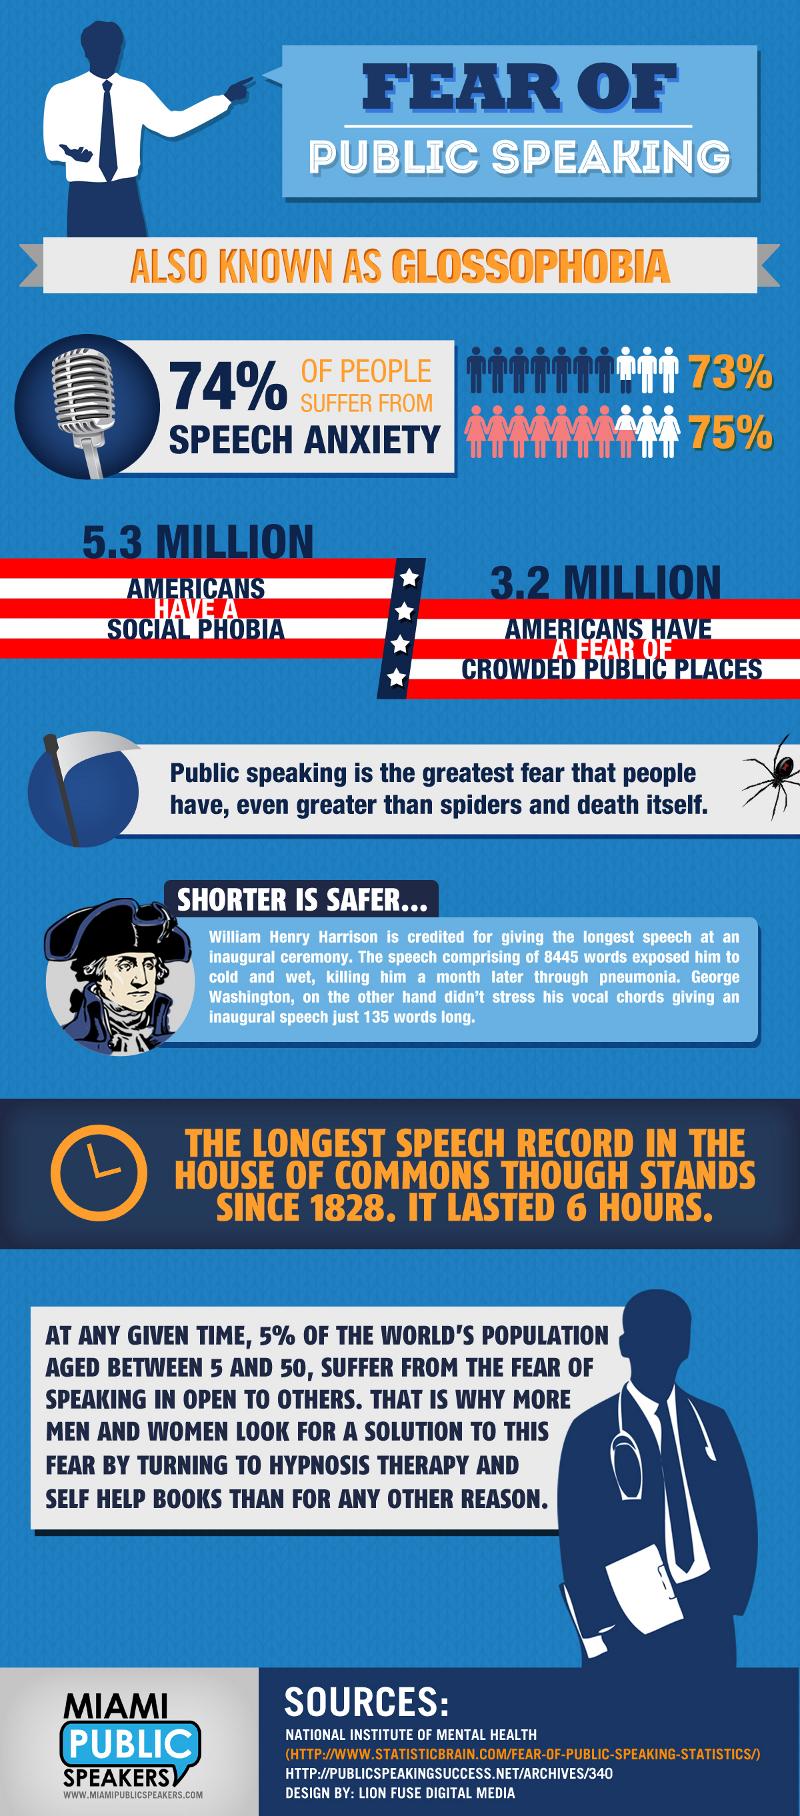 15 Fear of Public Speaking Statistics - BrandonGaille.com